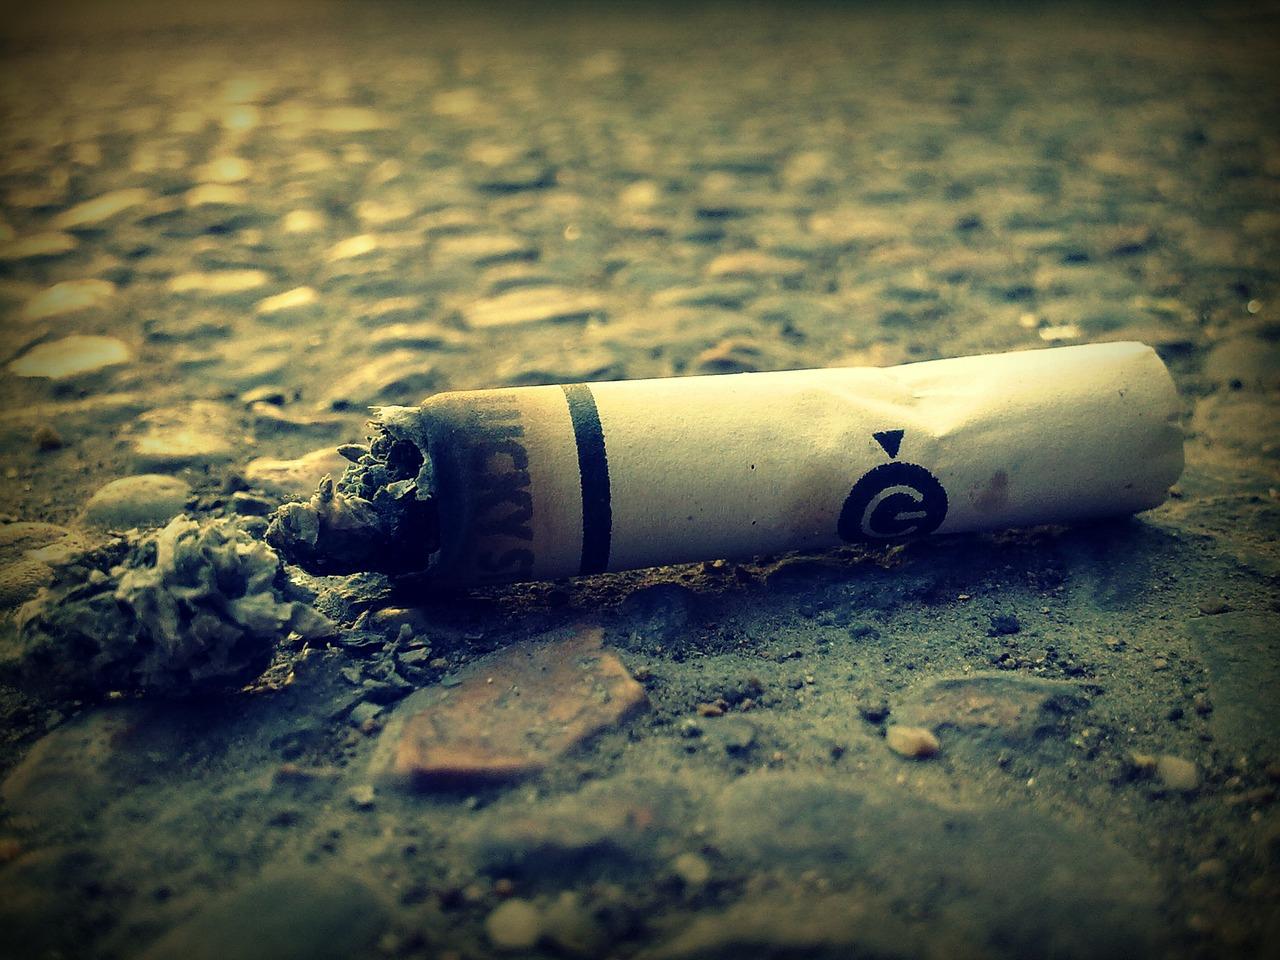 ¿Fumar y conducir? Sí, pero…